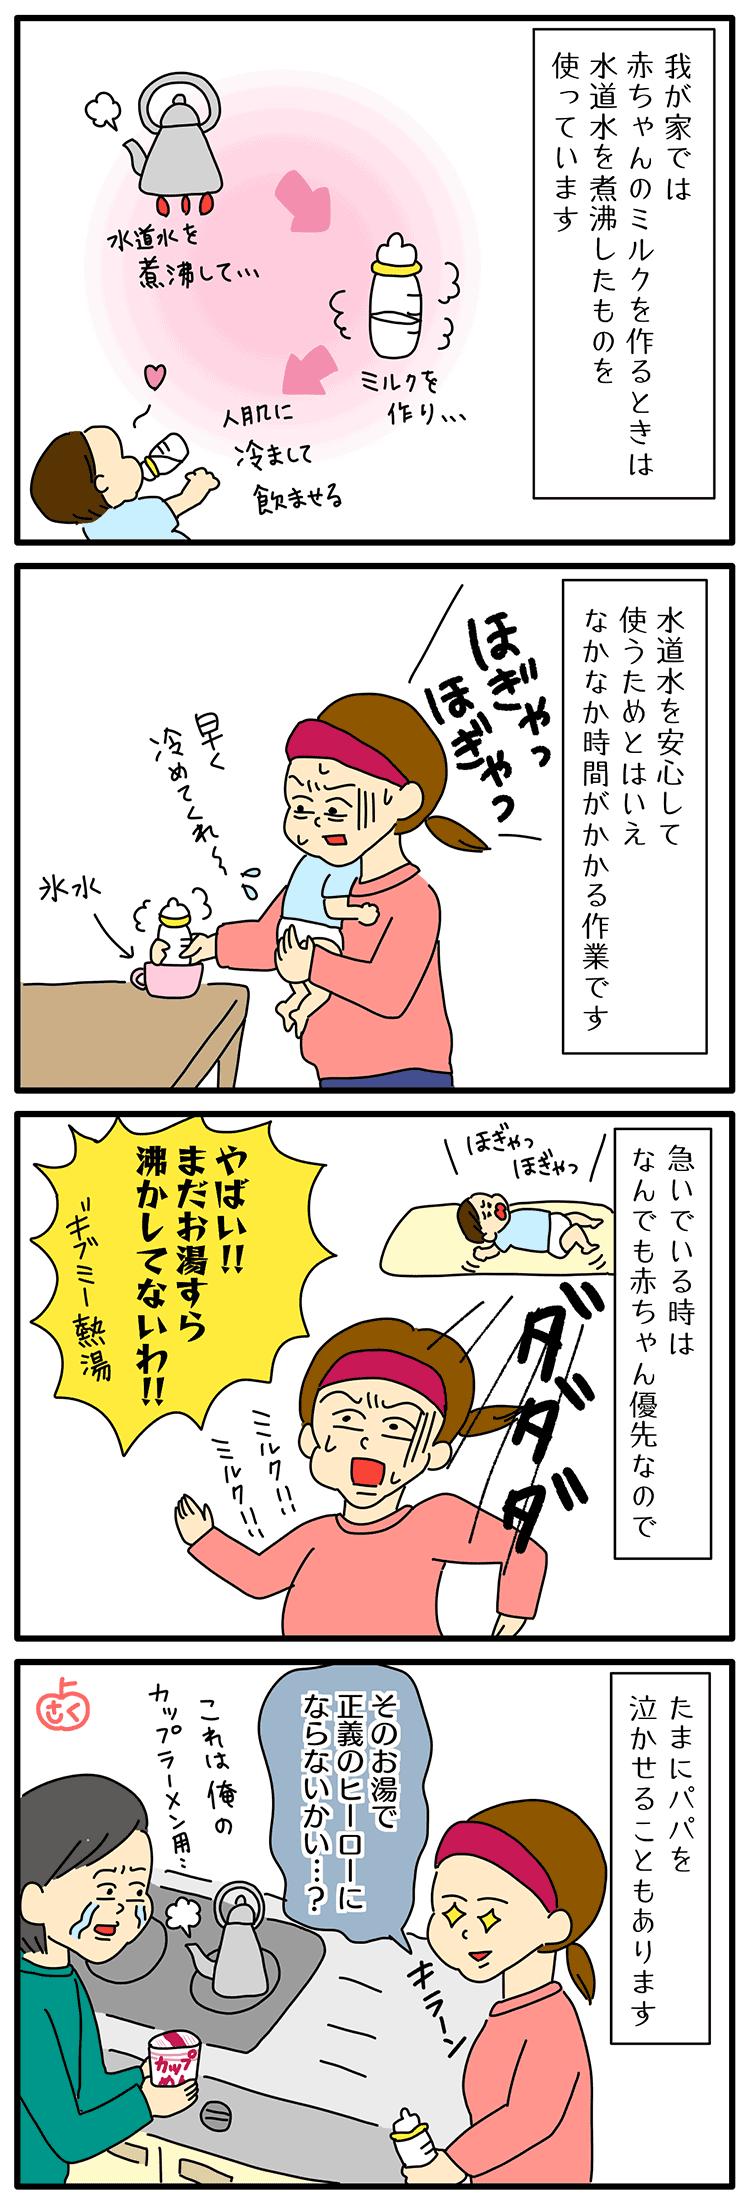 赤ちゃんと水道水の永岡さくら(saku)さんの子育て4コマ漫画